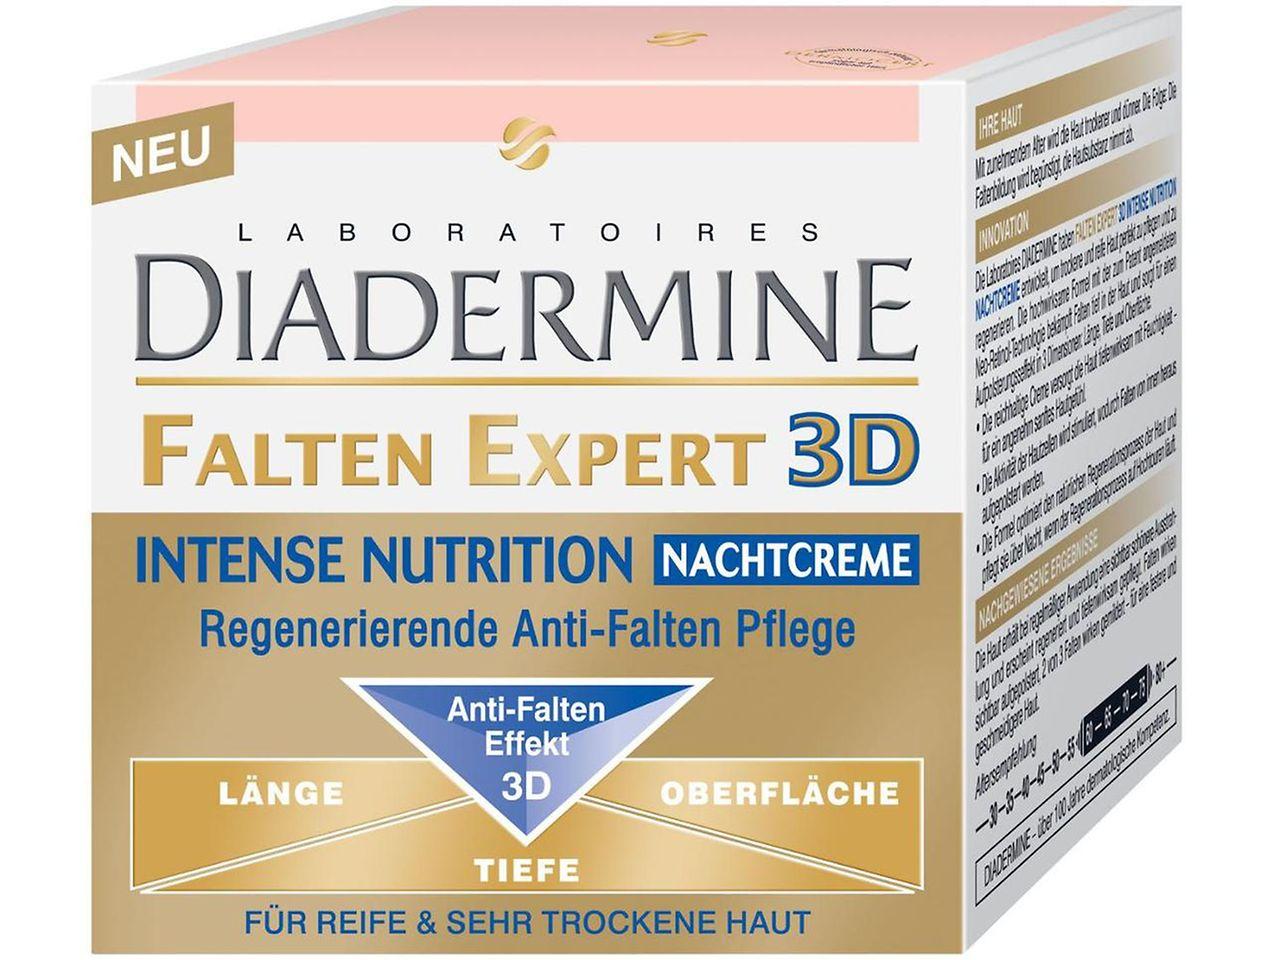 Diadermine Falten Expert 3D Intense Nurtition Nachtcreme